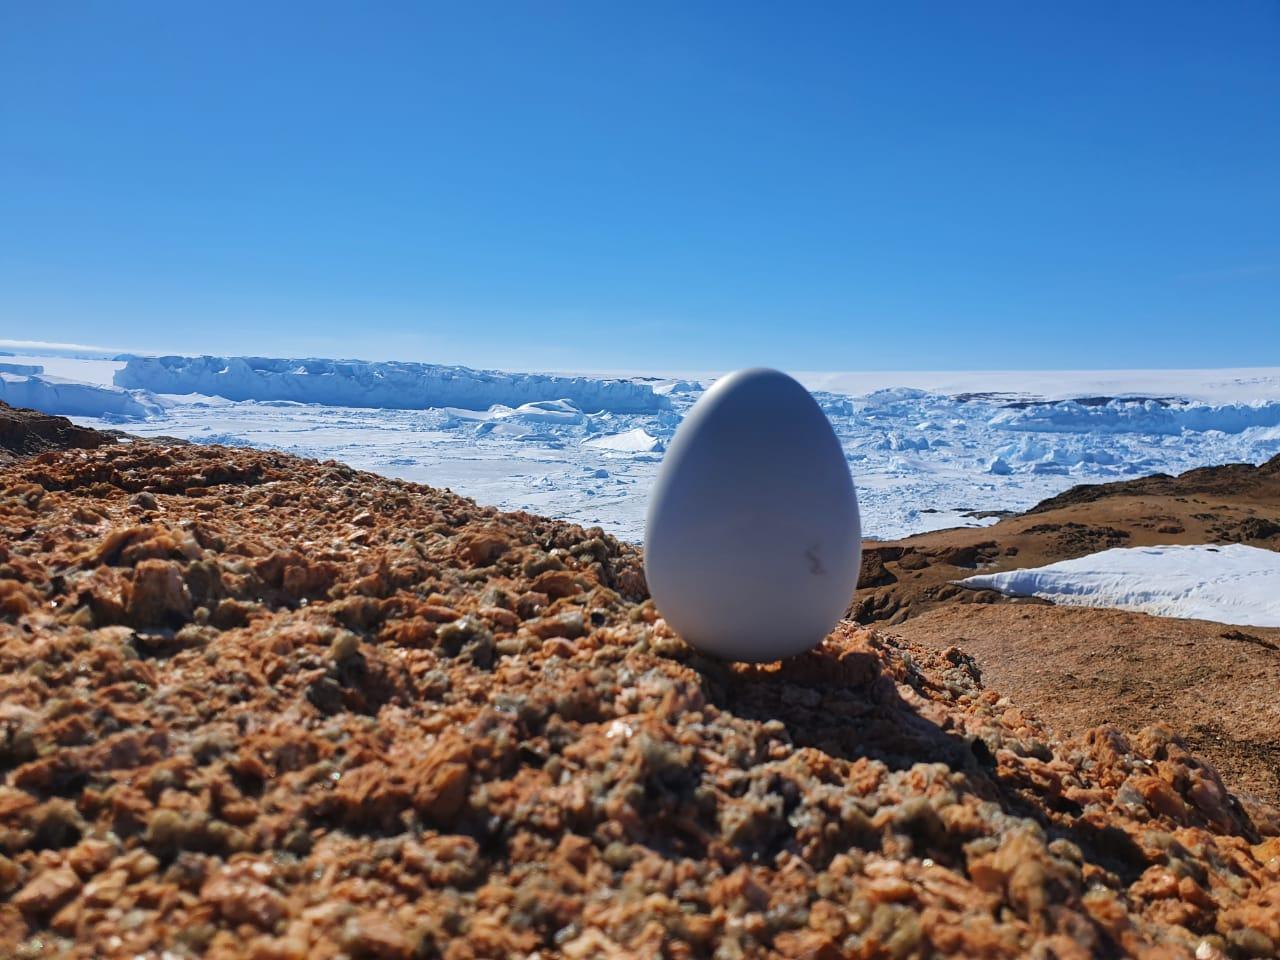 МТС обеспечил интернетом вещей Антарктику 1